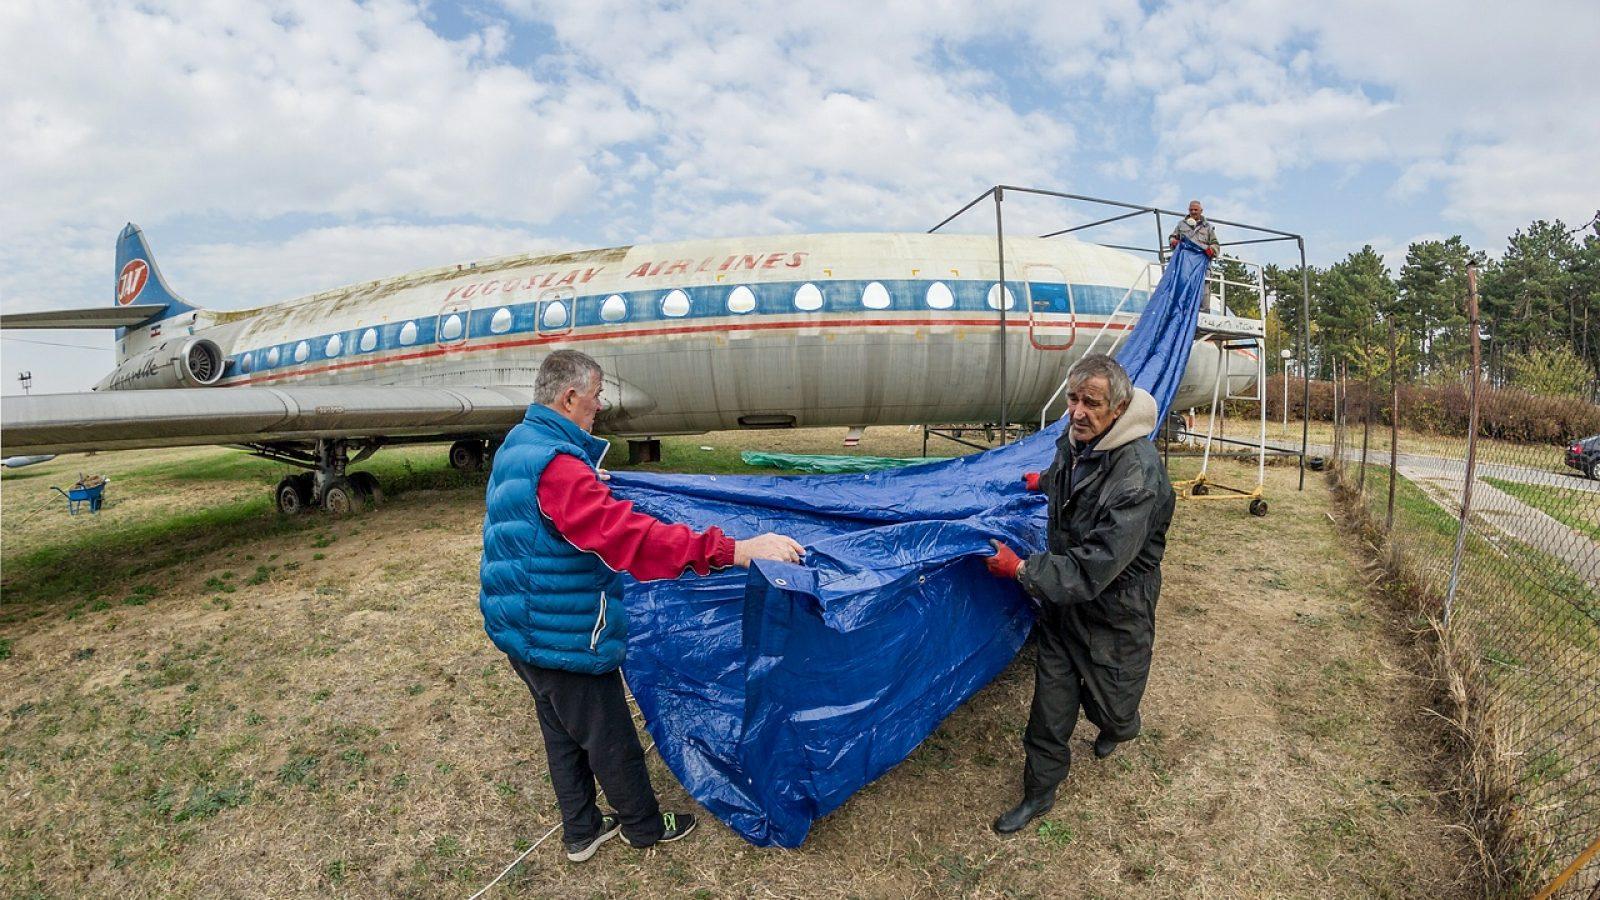 Muzej vazduhoplovstva obnavlja boje JAT-ove Karavele: Farbanje gotovo u naredna tri meseca